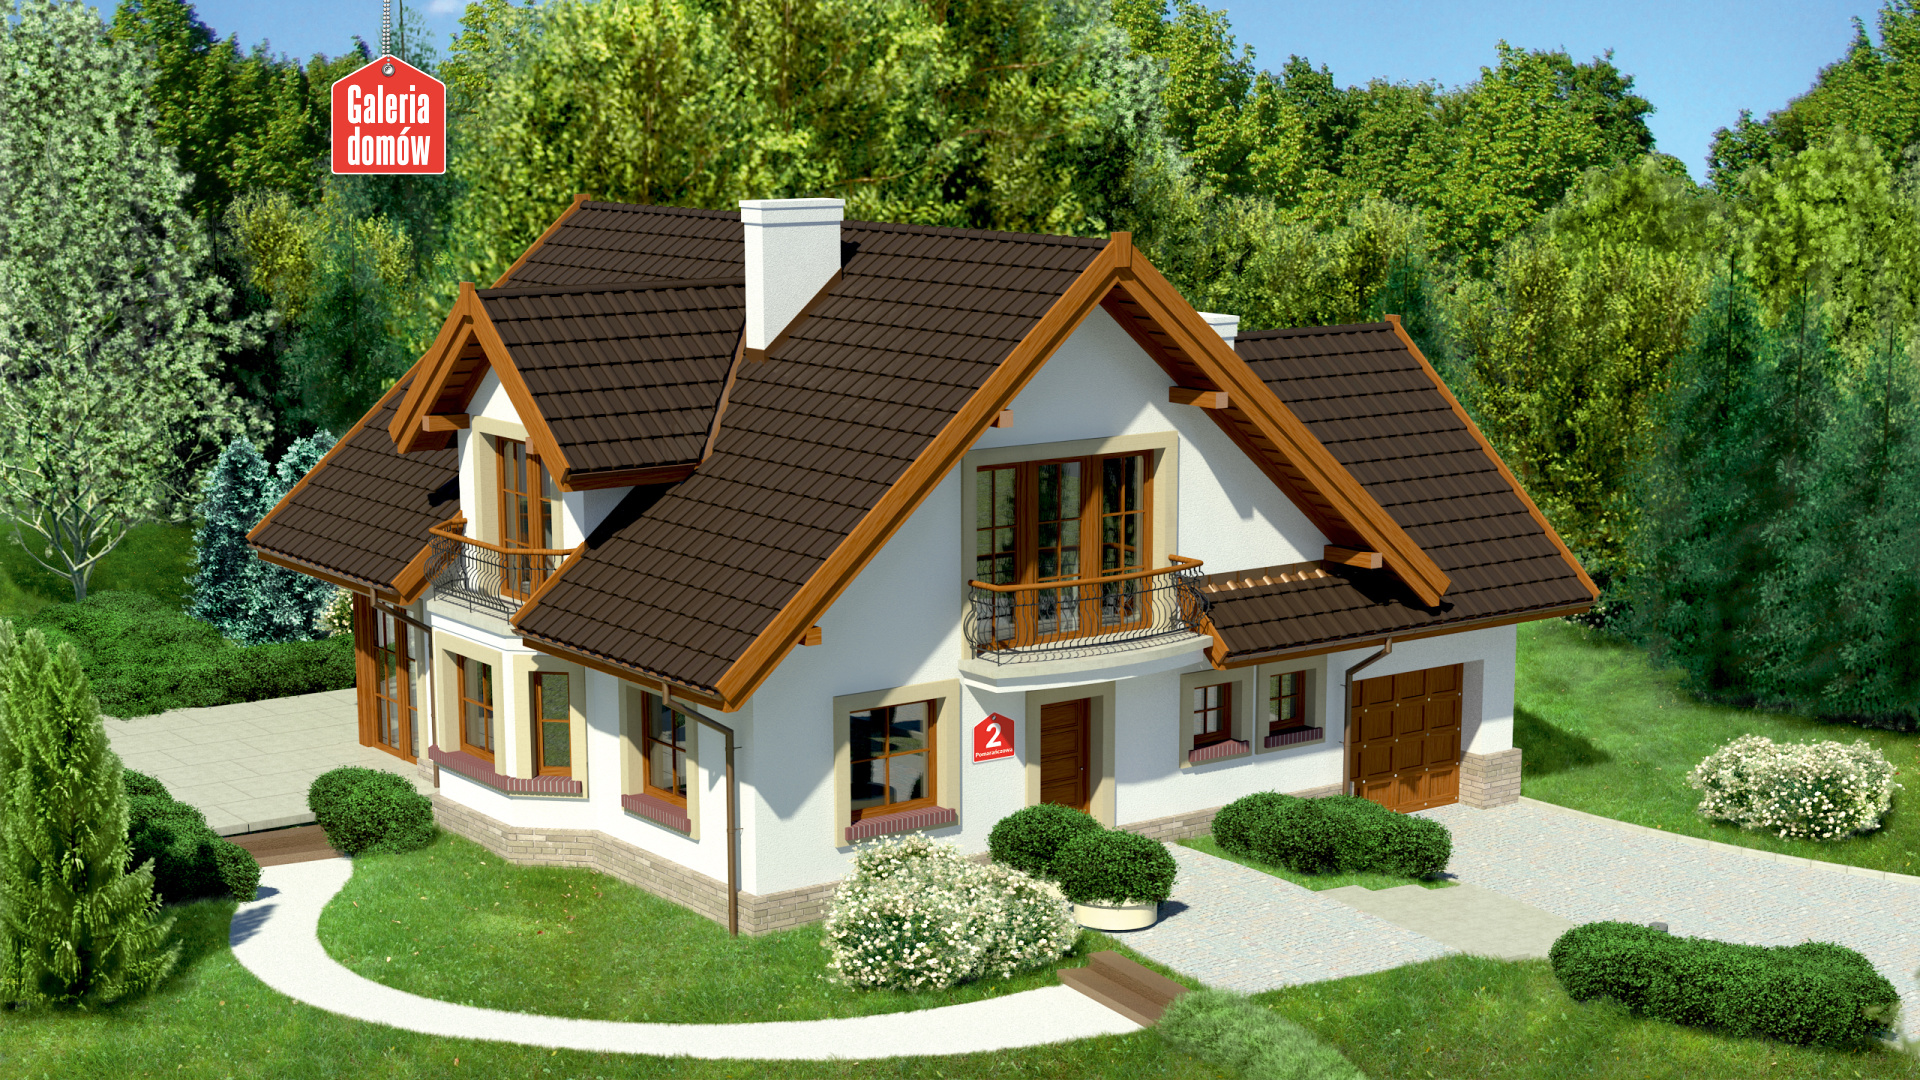 Dom przy Pomarańczowej 2 - zdjęcie projektu i wizualizacja